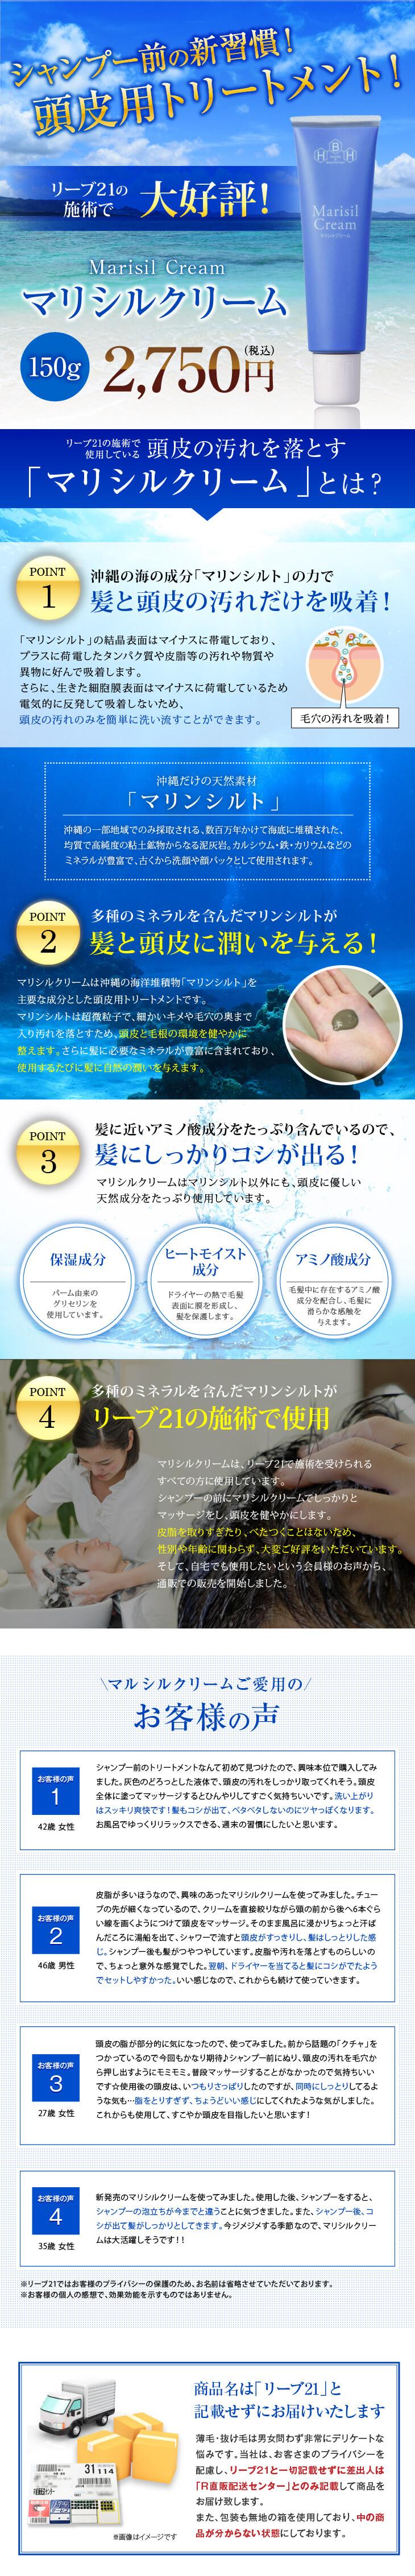 マリシルクリームLP【pc】